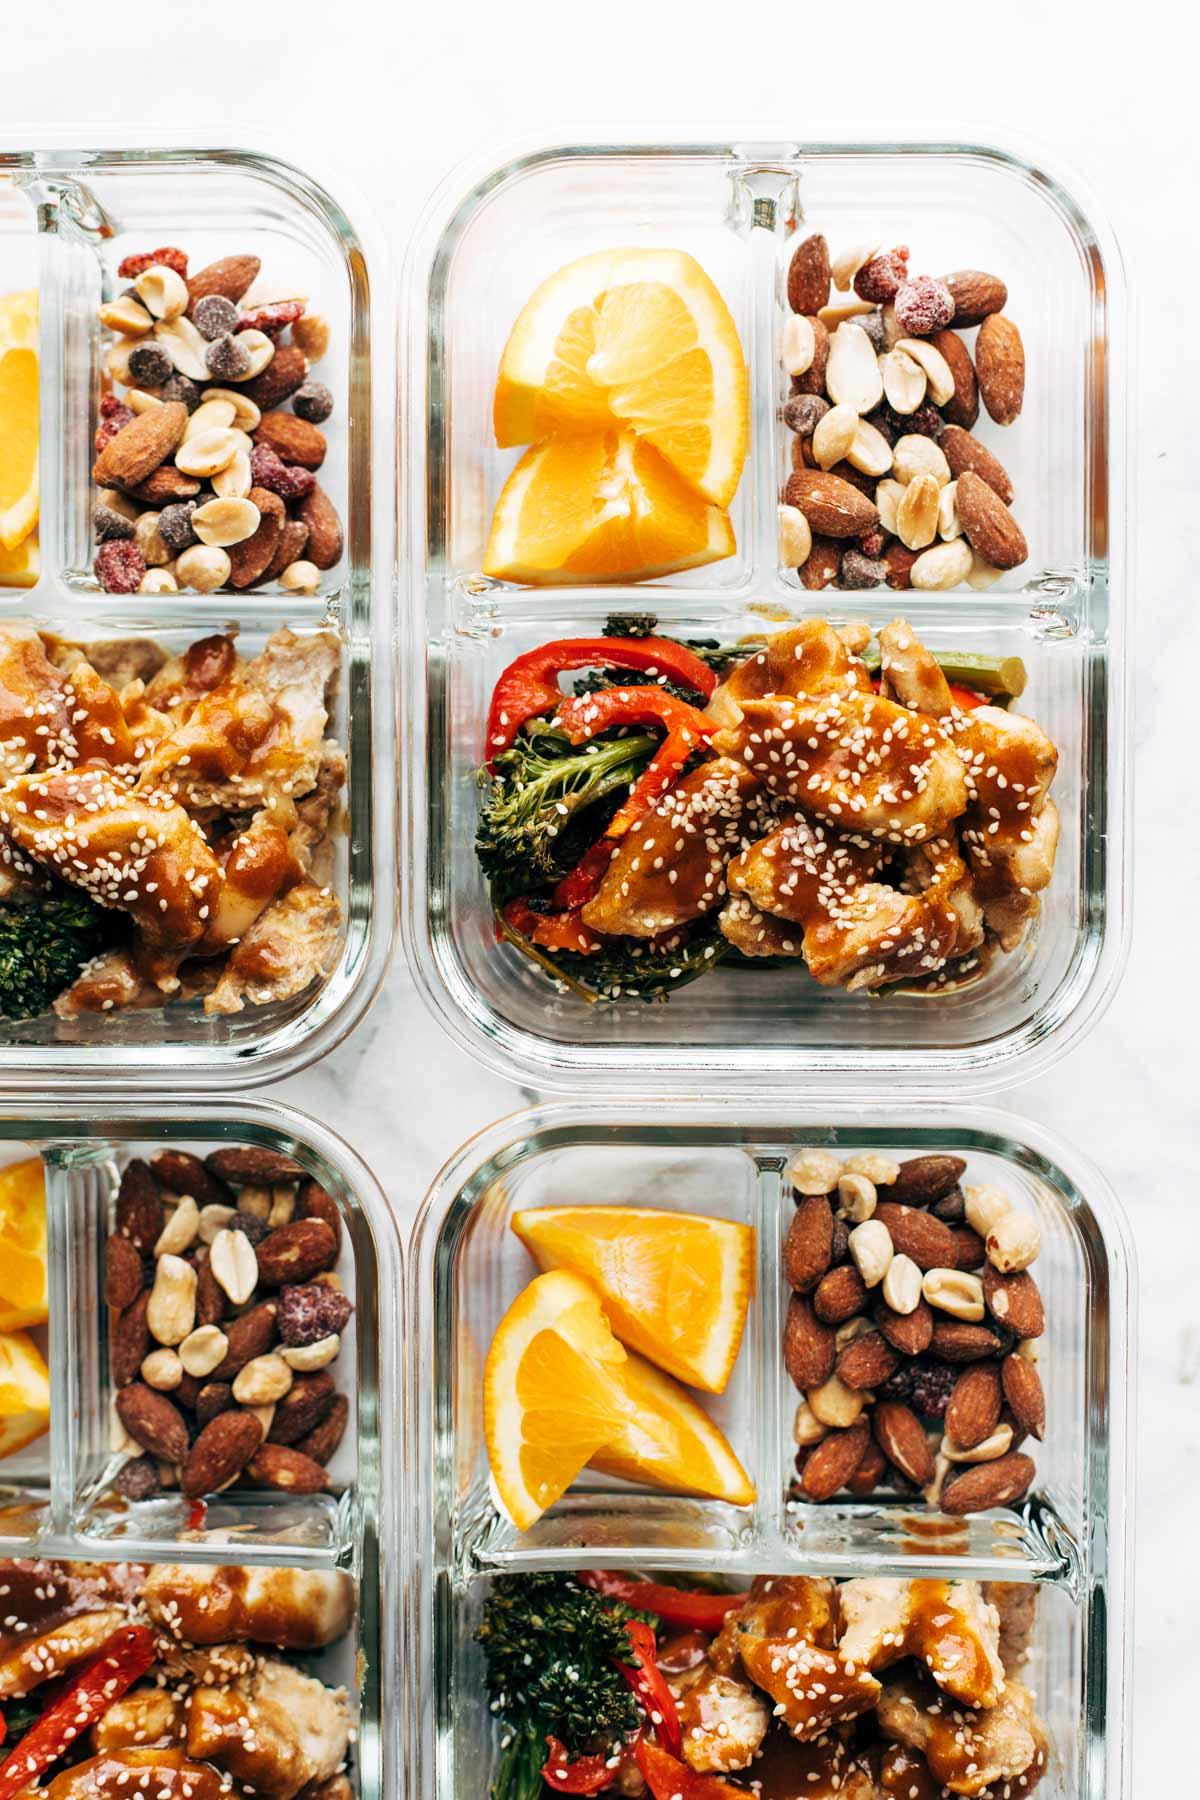 Poulet et brocoli à l'ail et au gingembre de pinchofyum.com sur foodiecrush.com